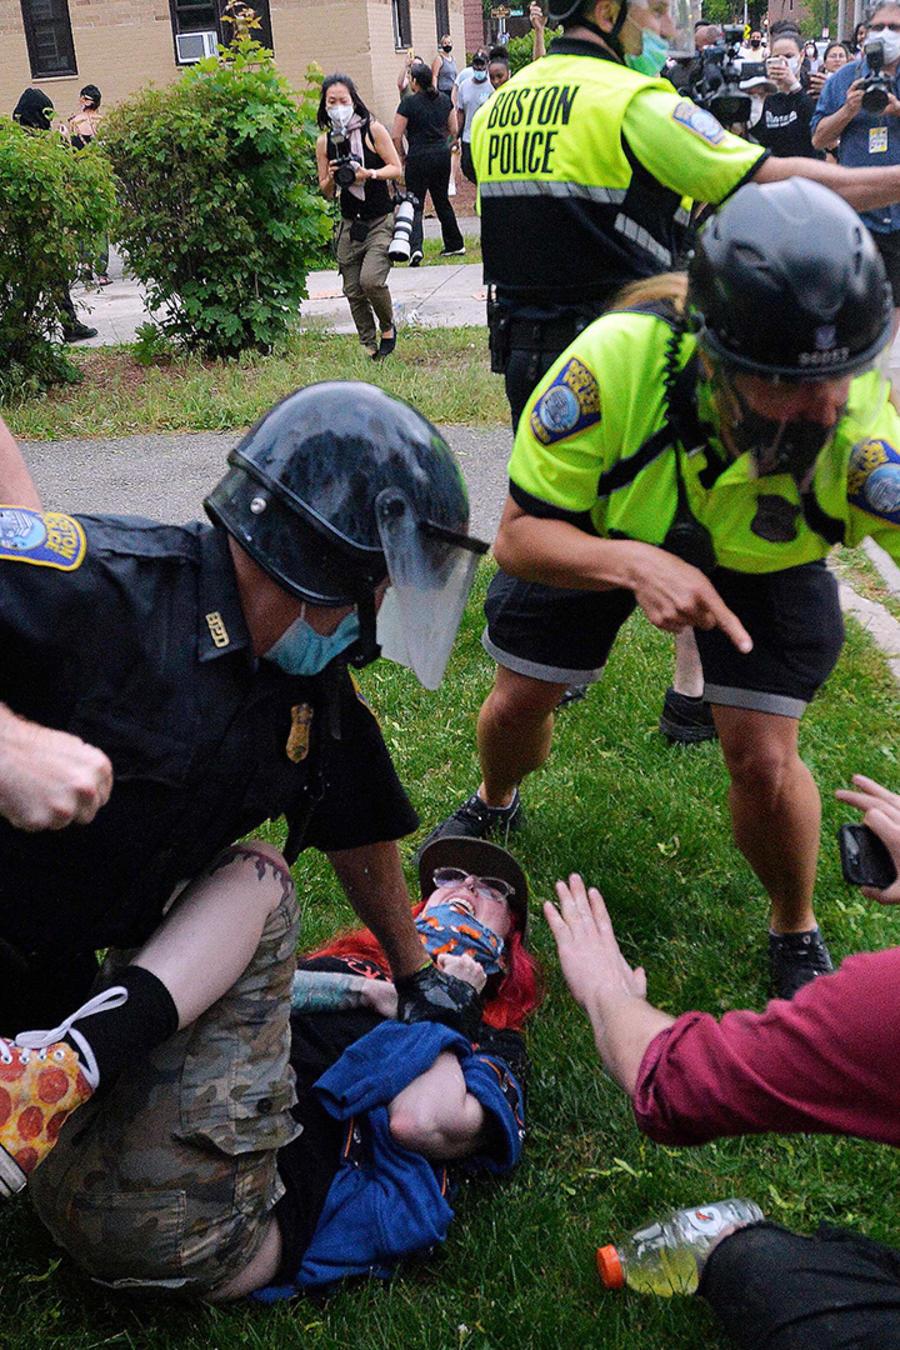 Un oficial de policía detiene a un manifestante mientras otro le rocía gas pimienta fuera de la estación de policía del Distrito Cuatro en Boston, Massachusetts, el 29 de mayo, durante una protesta contra la brutalidad policial y el racismo en EE.UU., inc